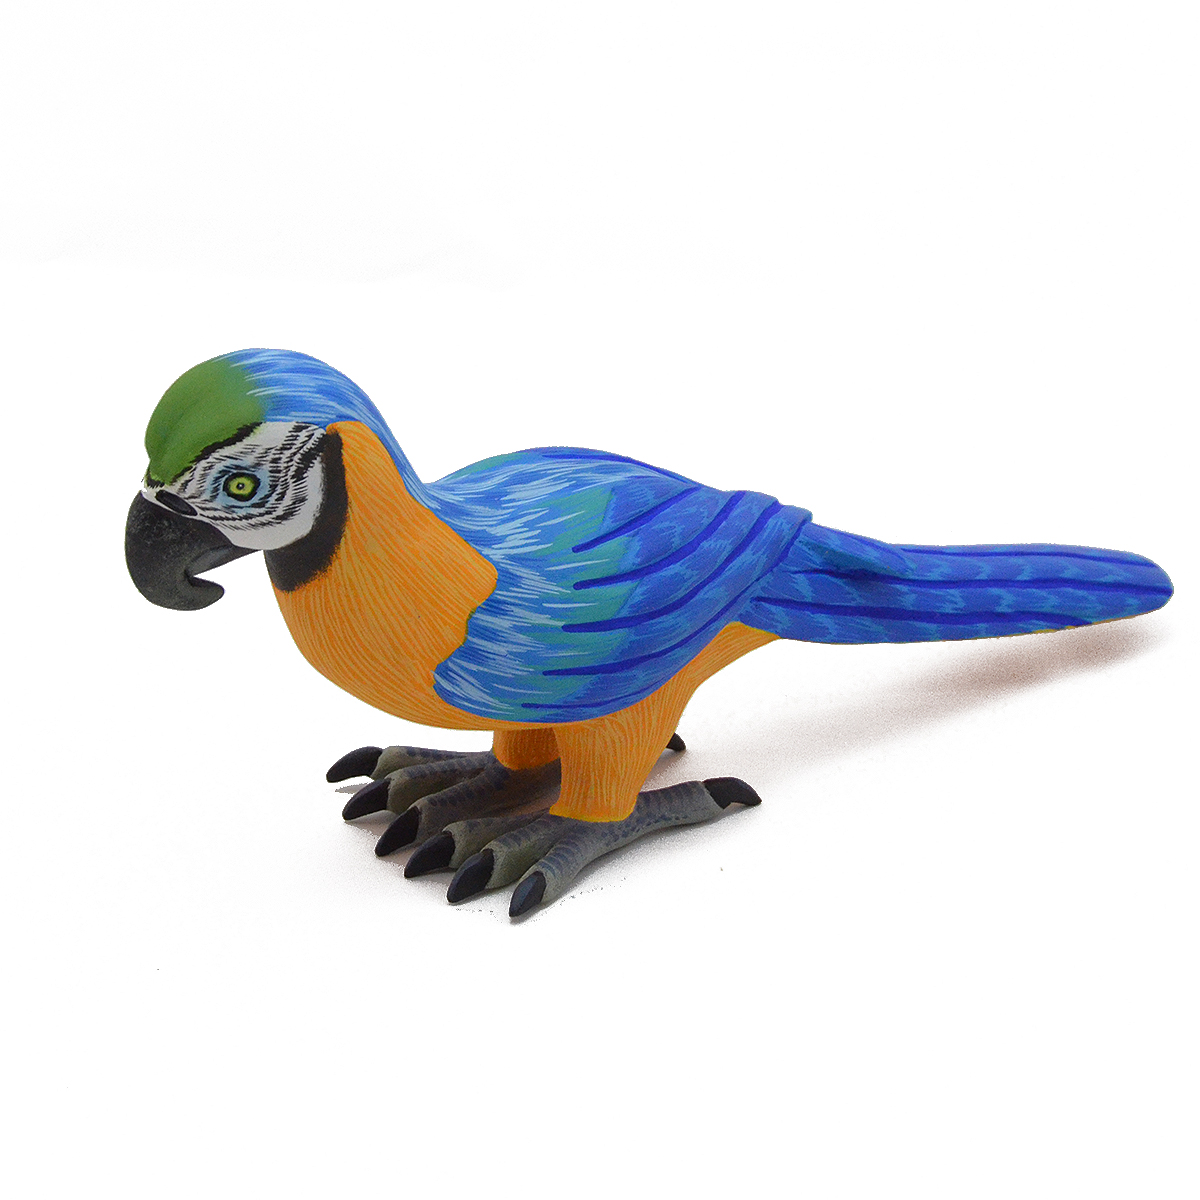 Eleazar Morales Eleazar Morales: Parrot Birds